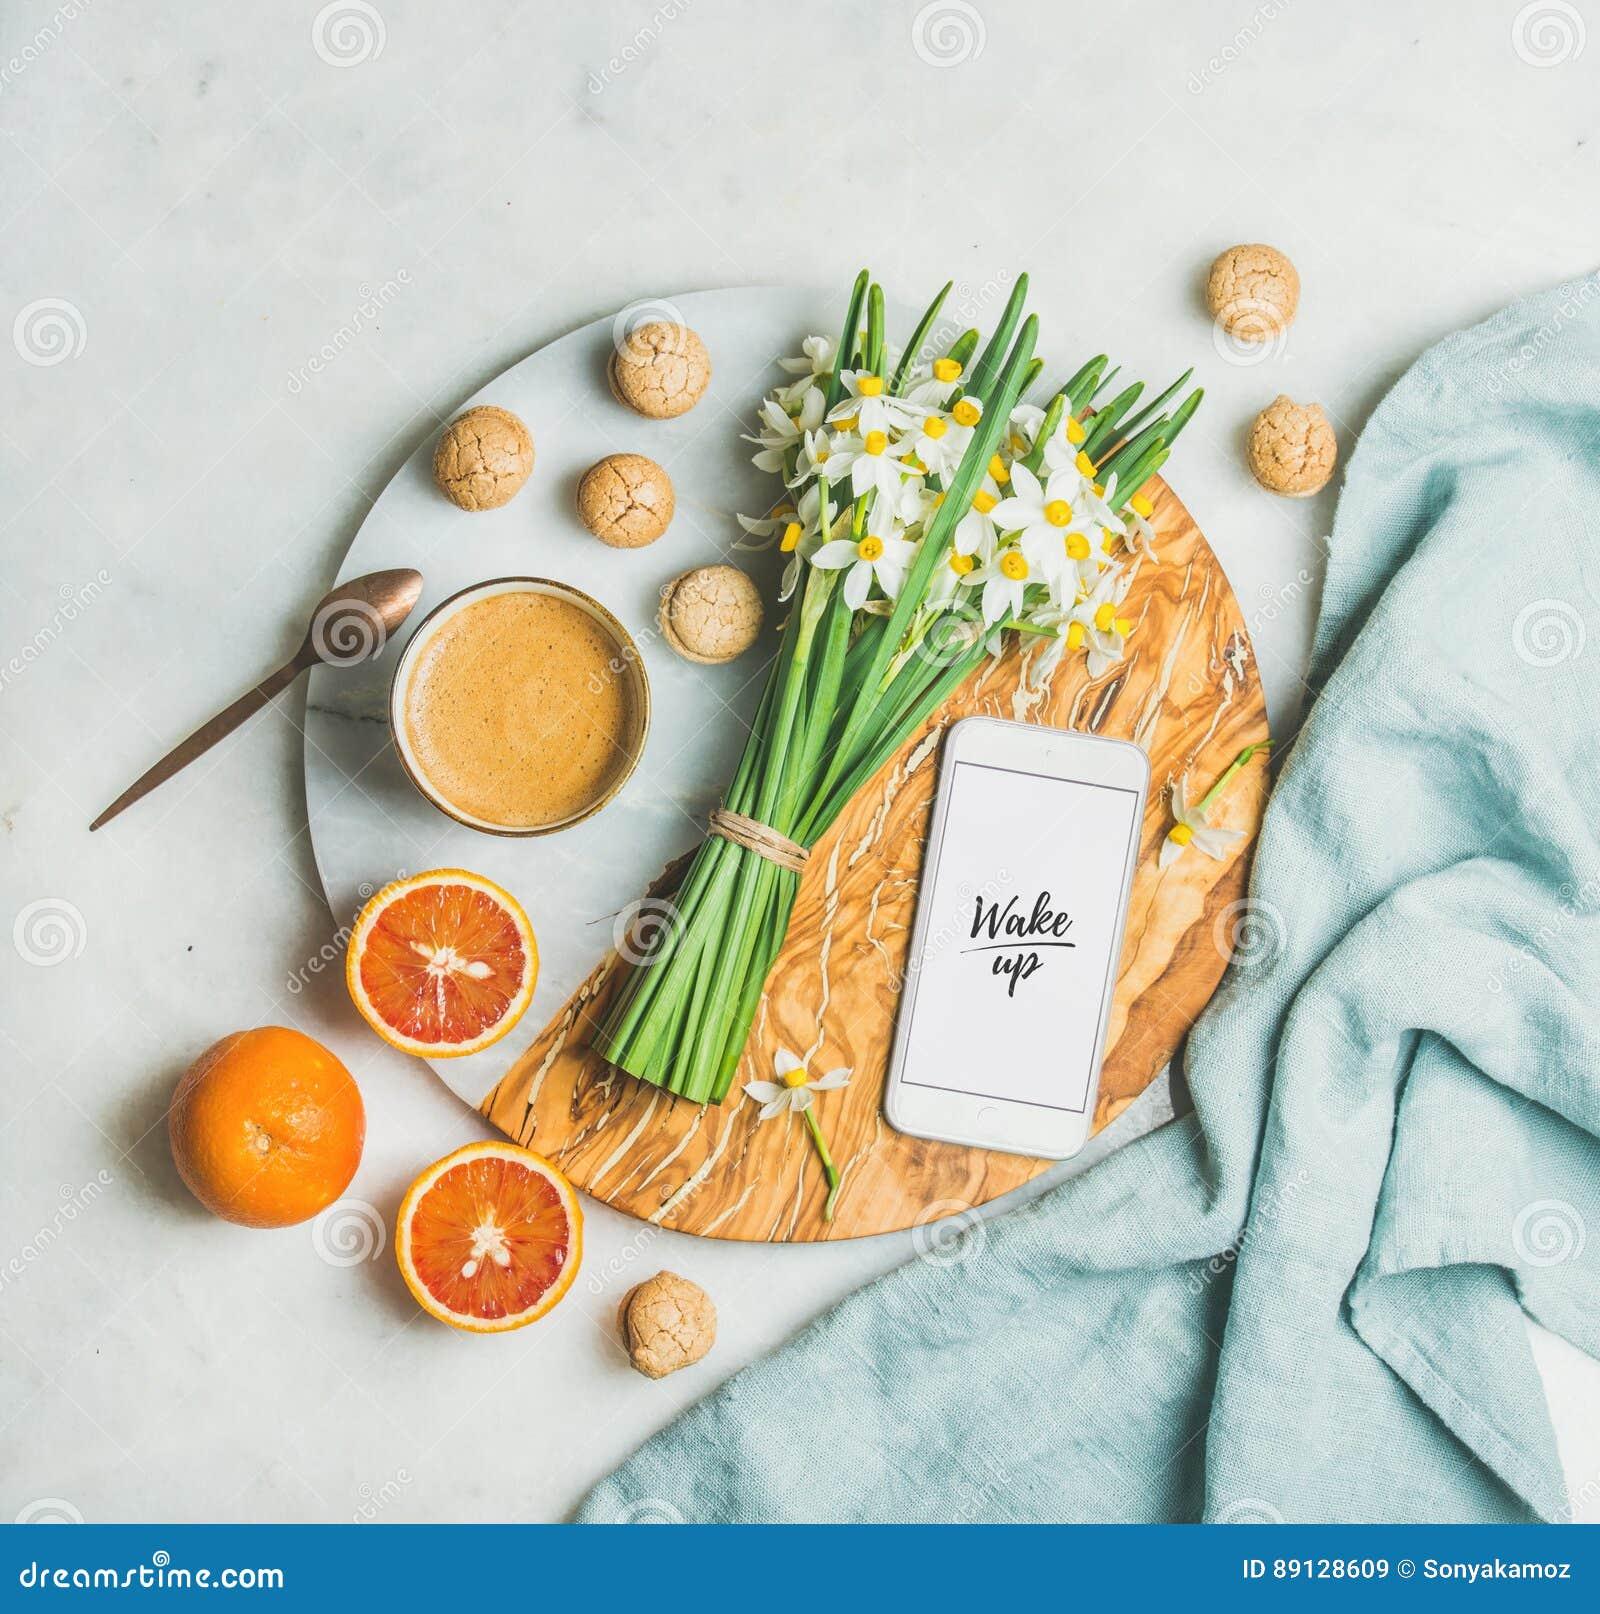 Koffie, koekjes, sinaasappelen, bloemen, mobiele telefoon met woord omhoog Kielzog